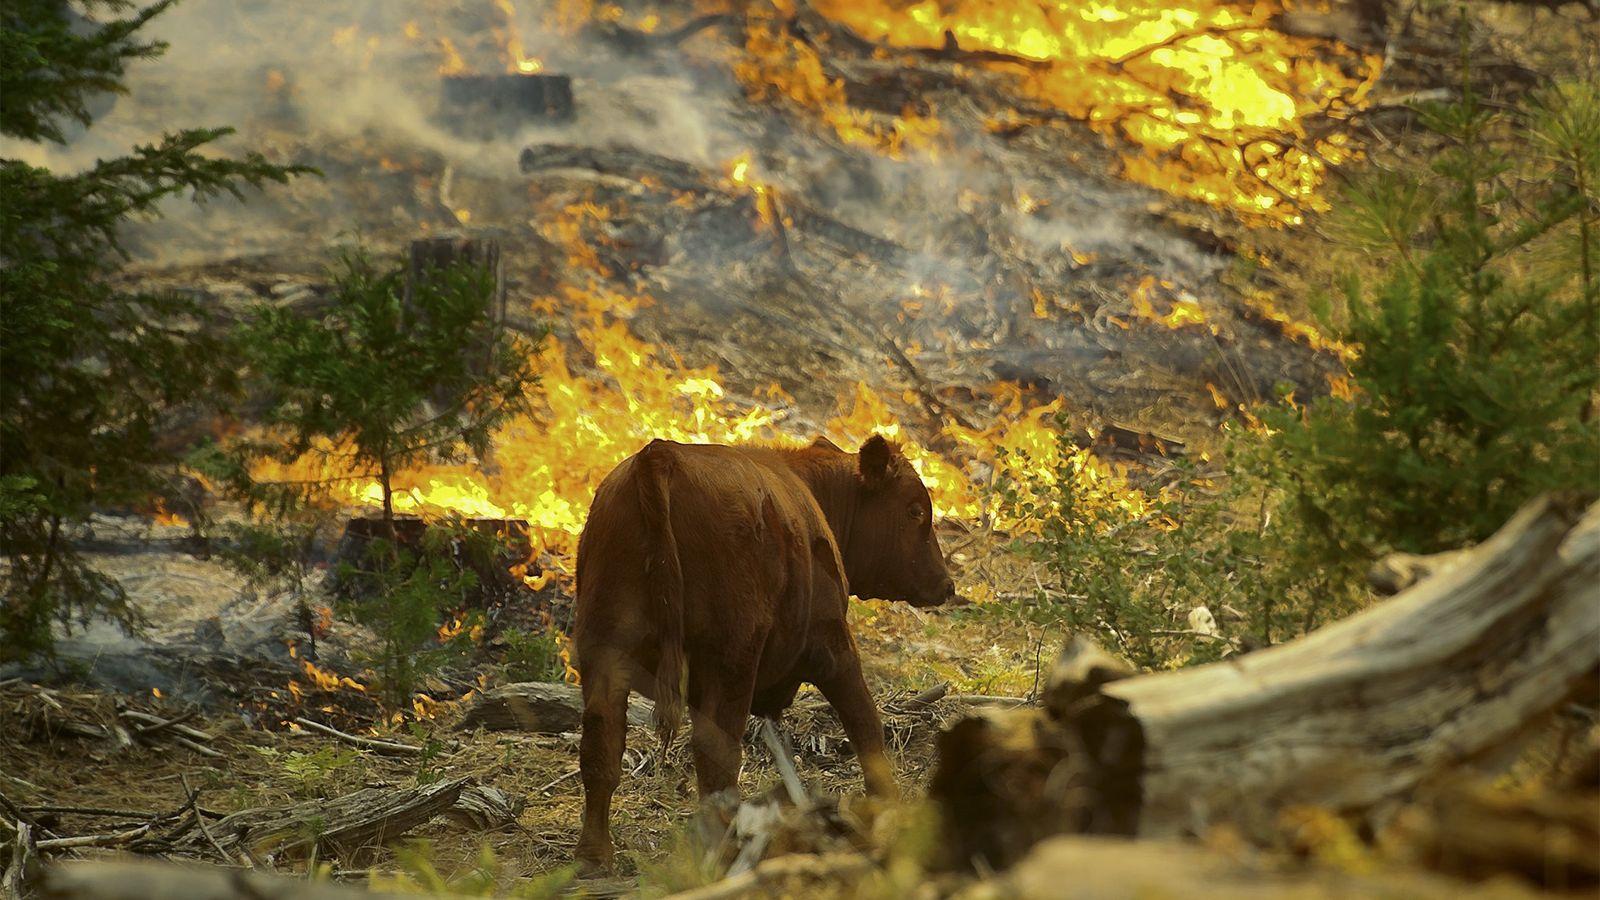 Uma vaca caminha entre as chamas do incêndio de Rim, perto da fronteira do Parque Nacional ...